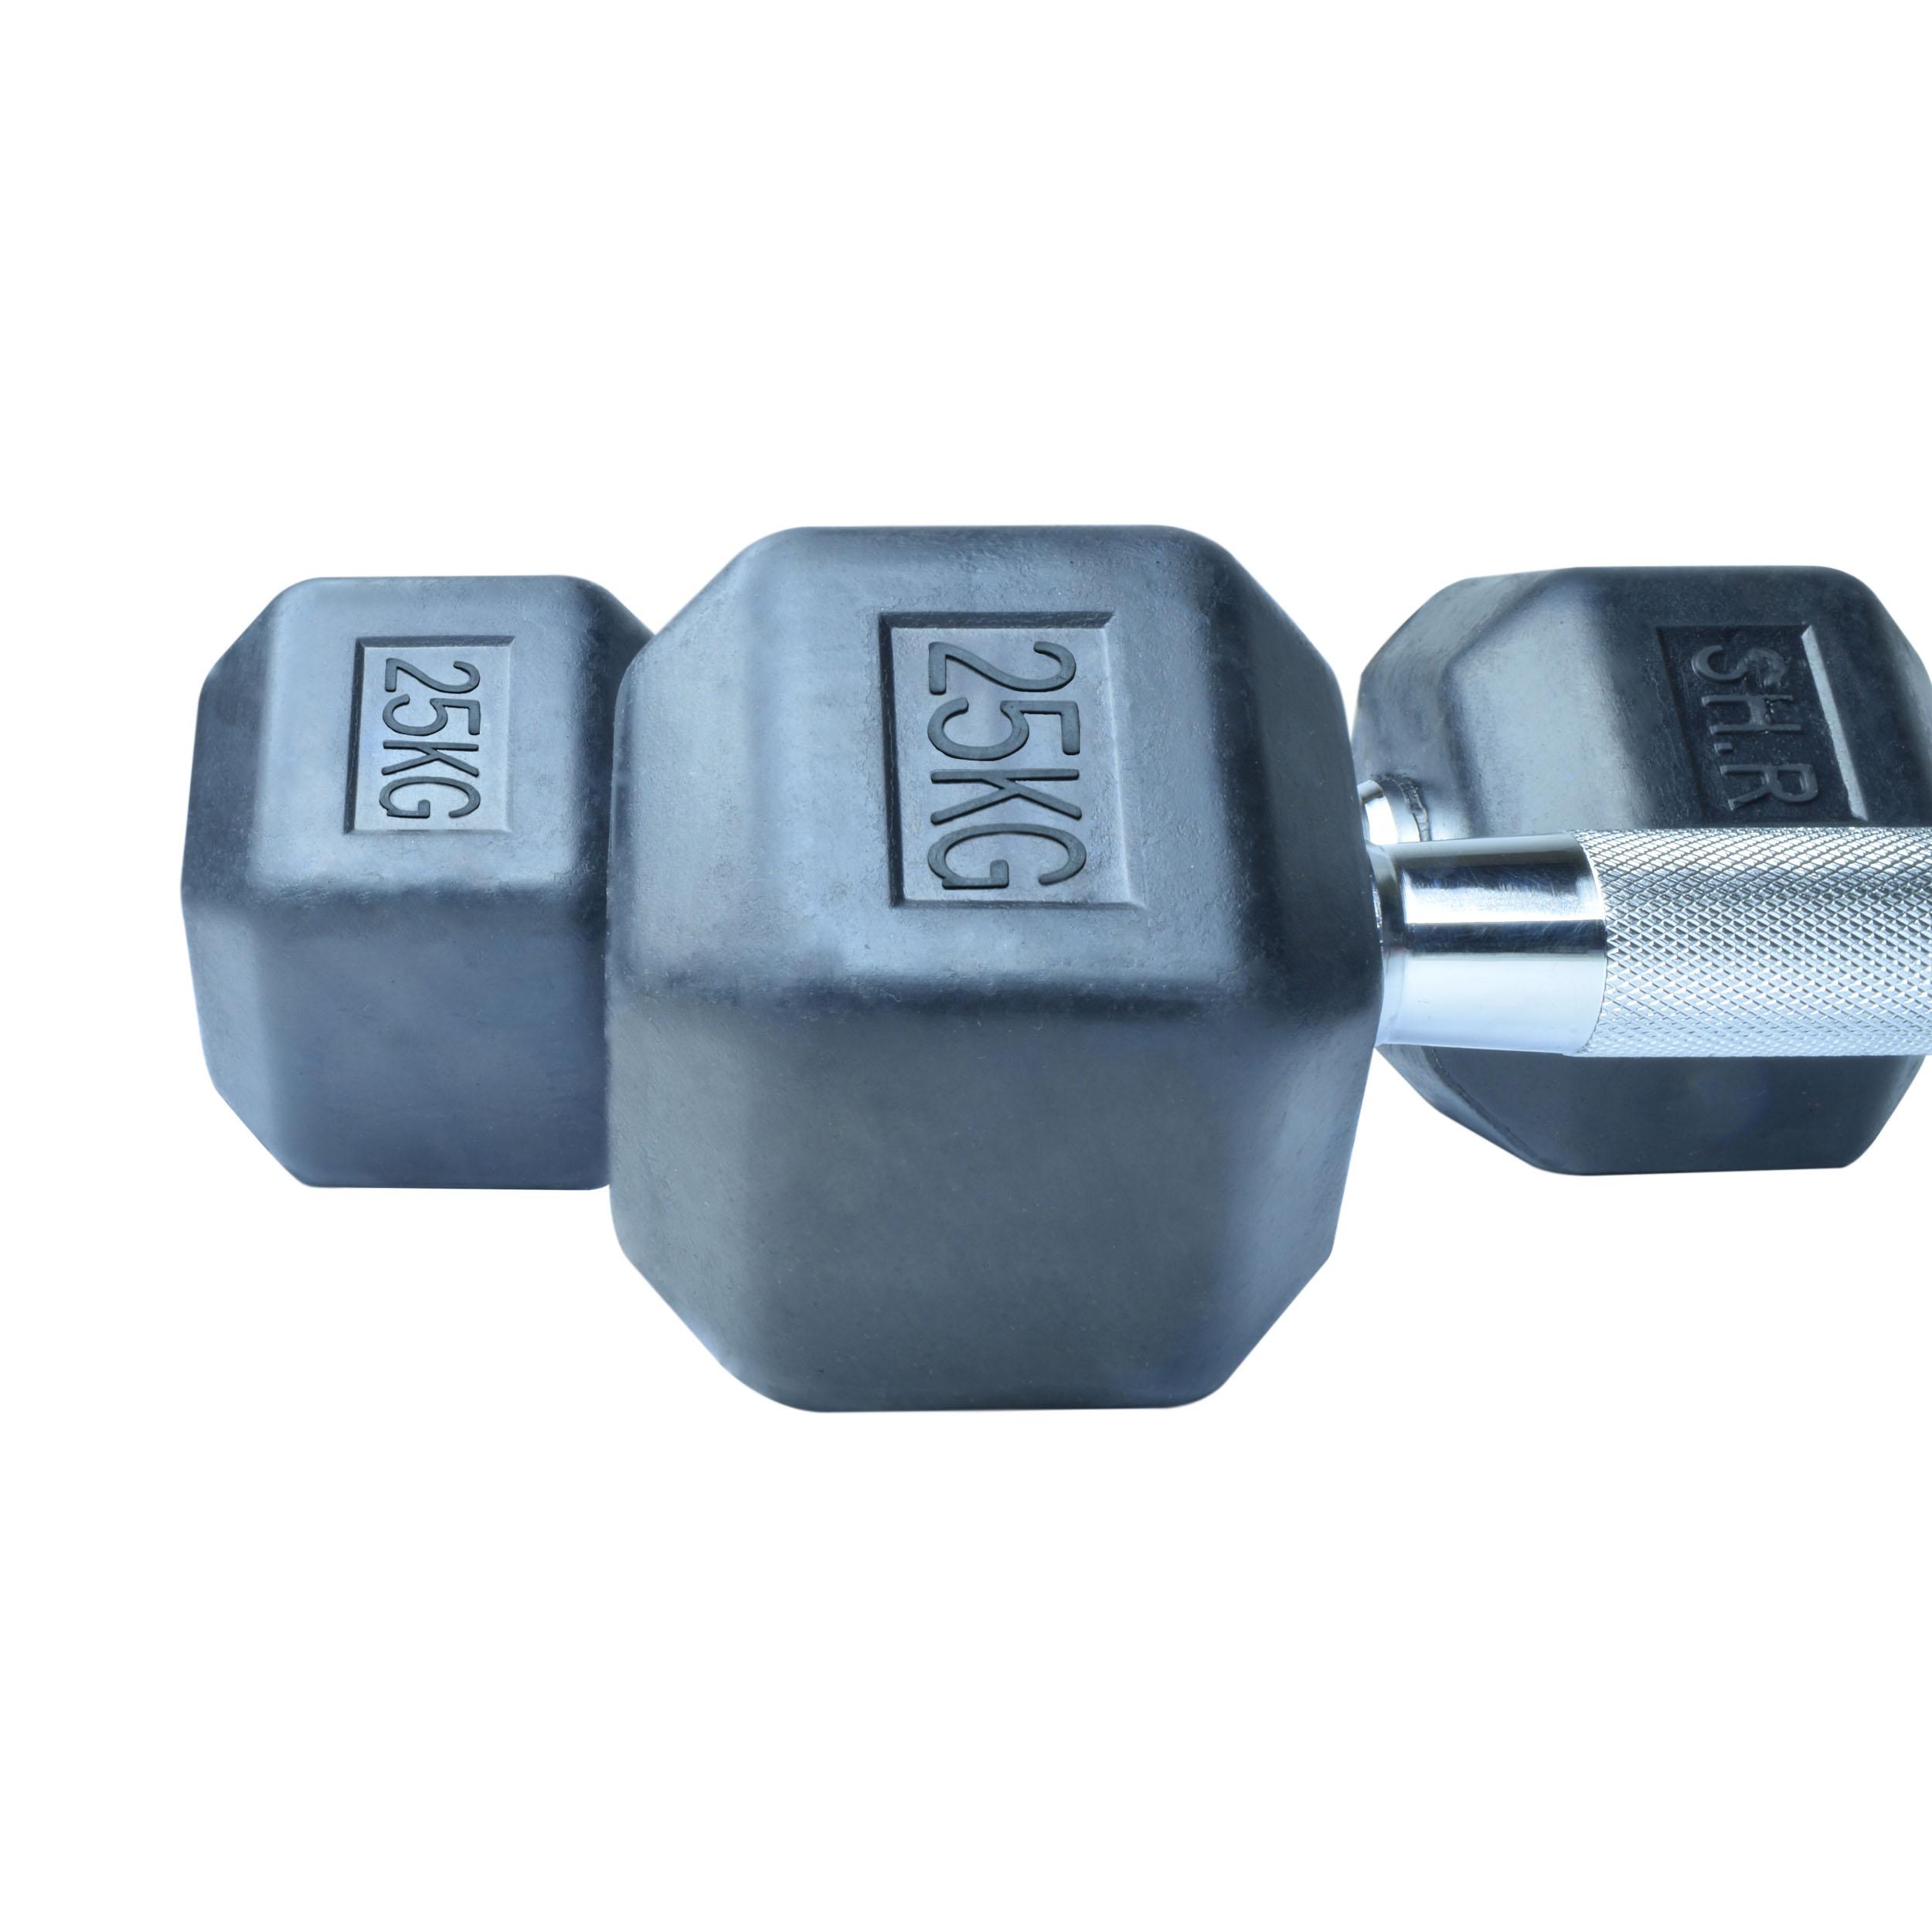 دمبل اس اچ ار کد B9 وزن 25 کیلوگرم بسته 2 عددی